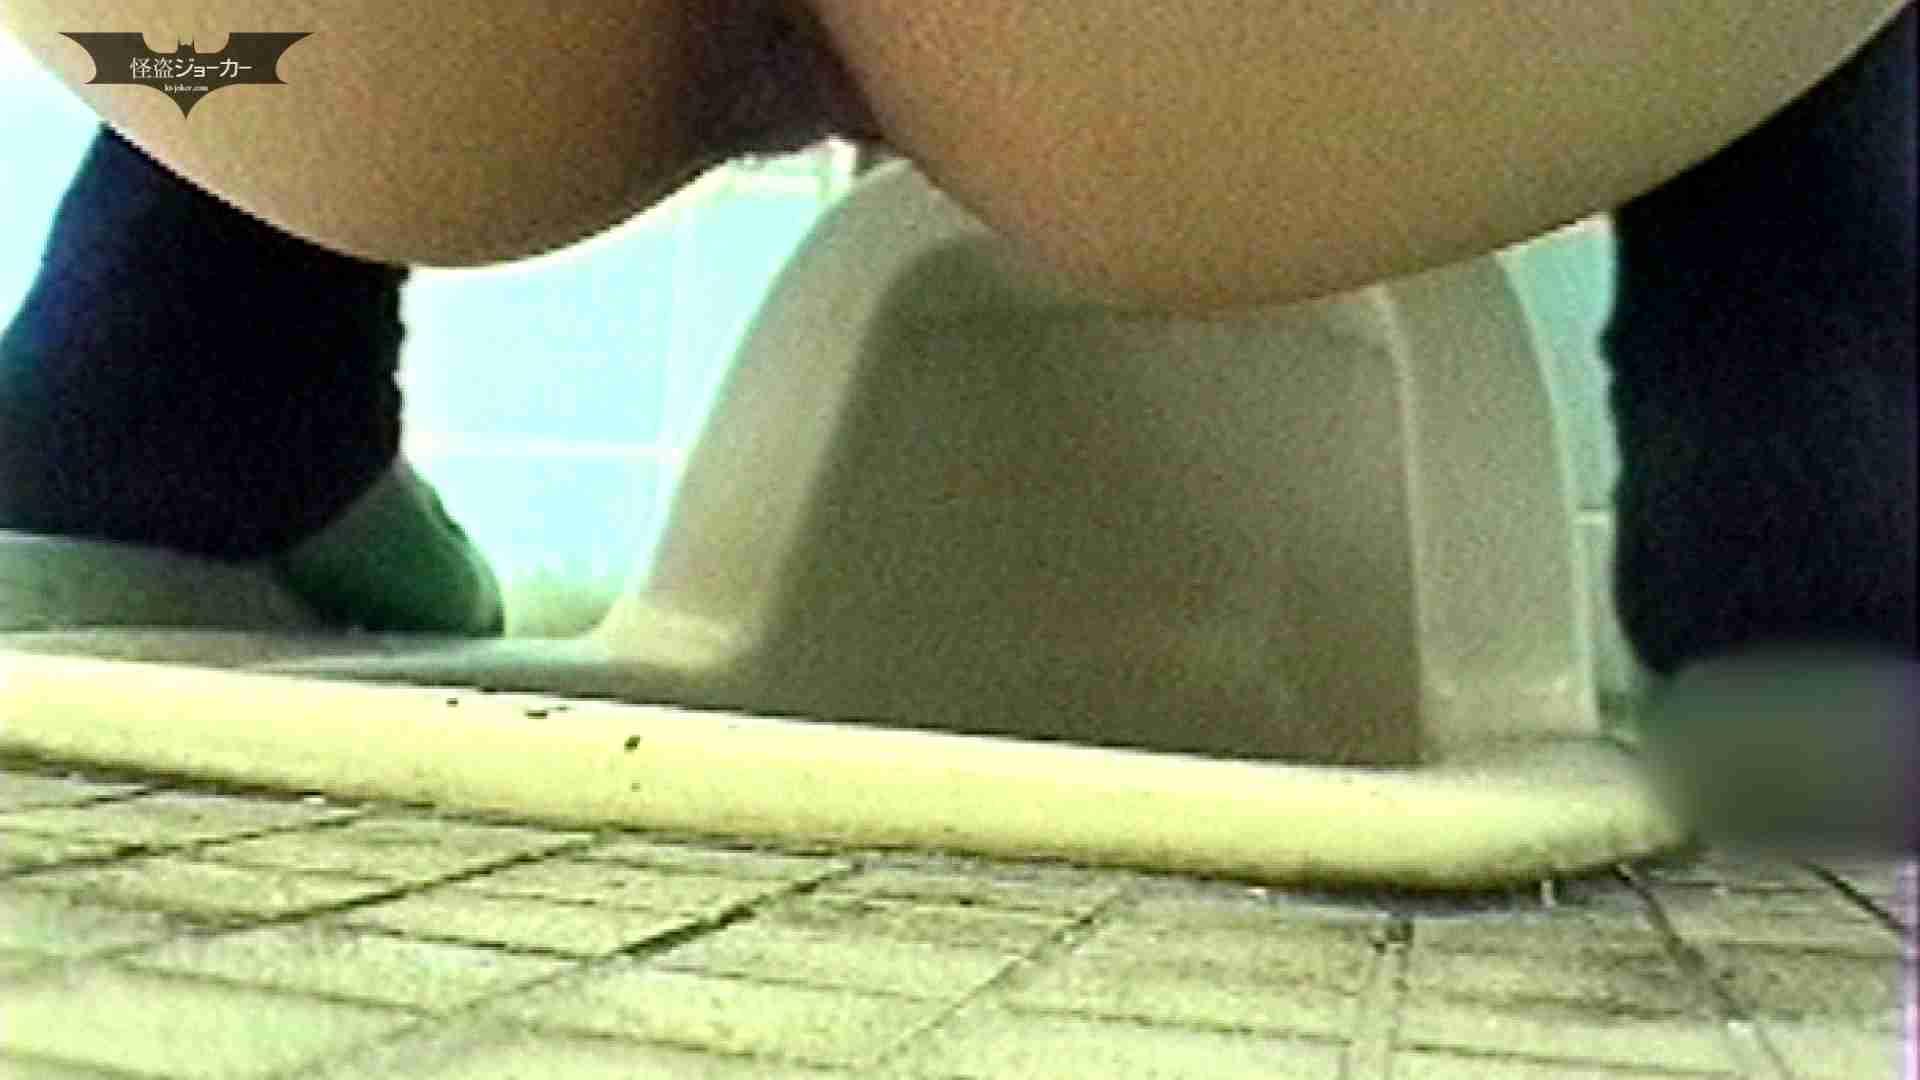 女の子の休み時間のひととき Vol.08 乙女のボディ ワレメ動画紹介 108PIX 71